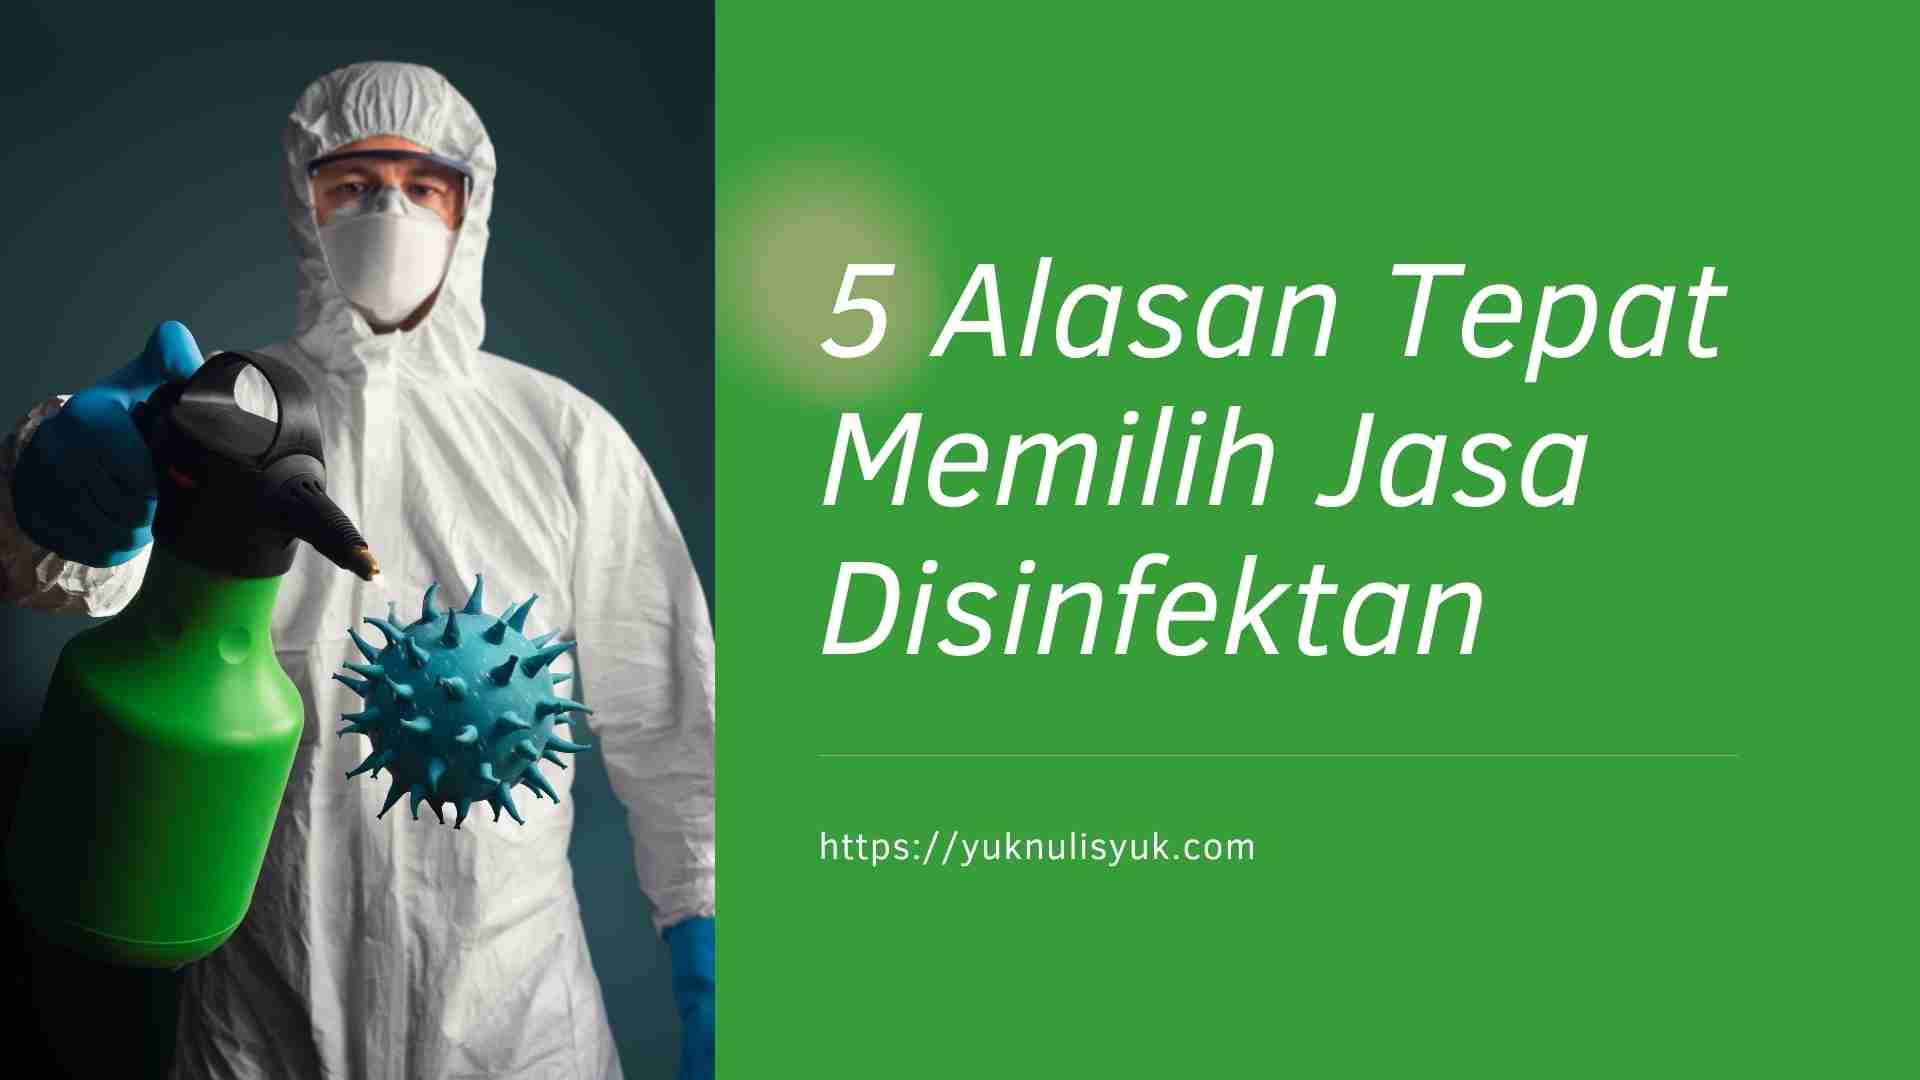 5 Alasan Pilih Jasa Disinfektan, Teliti Sebelum Membeli